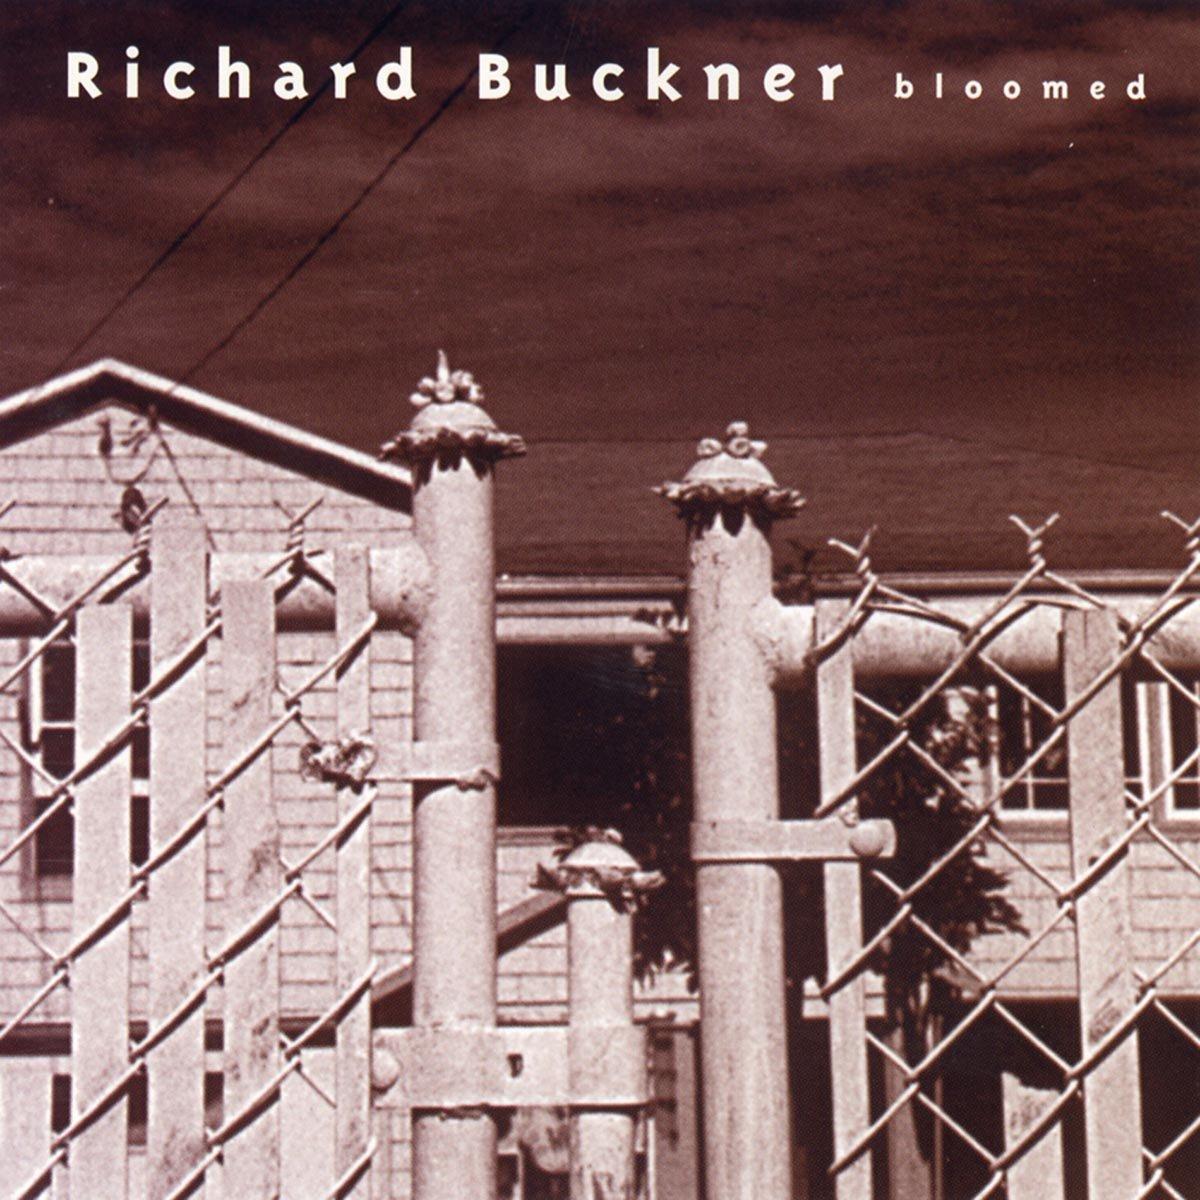 Vinilo : Richard Buckner - Bloomed [reissue] [bonus Cd] (Bonus CD, Reissue, 3PC)